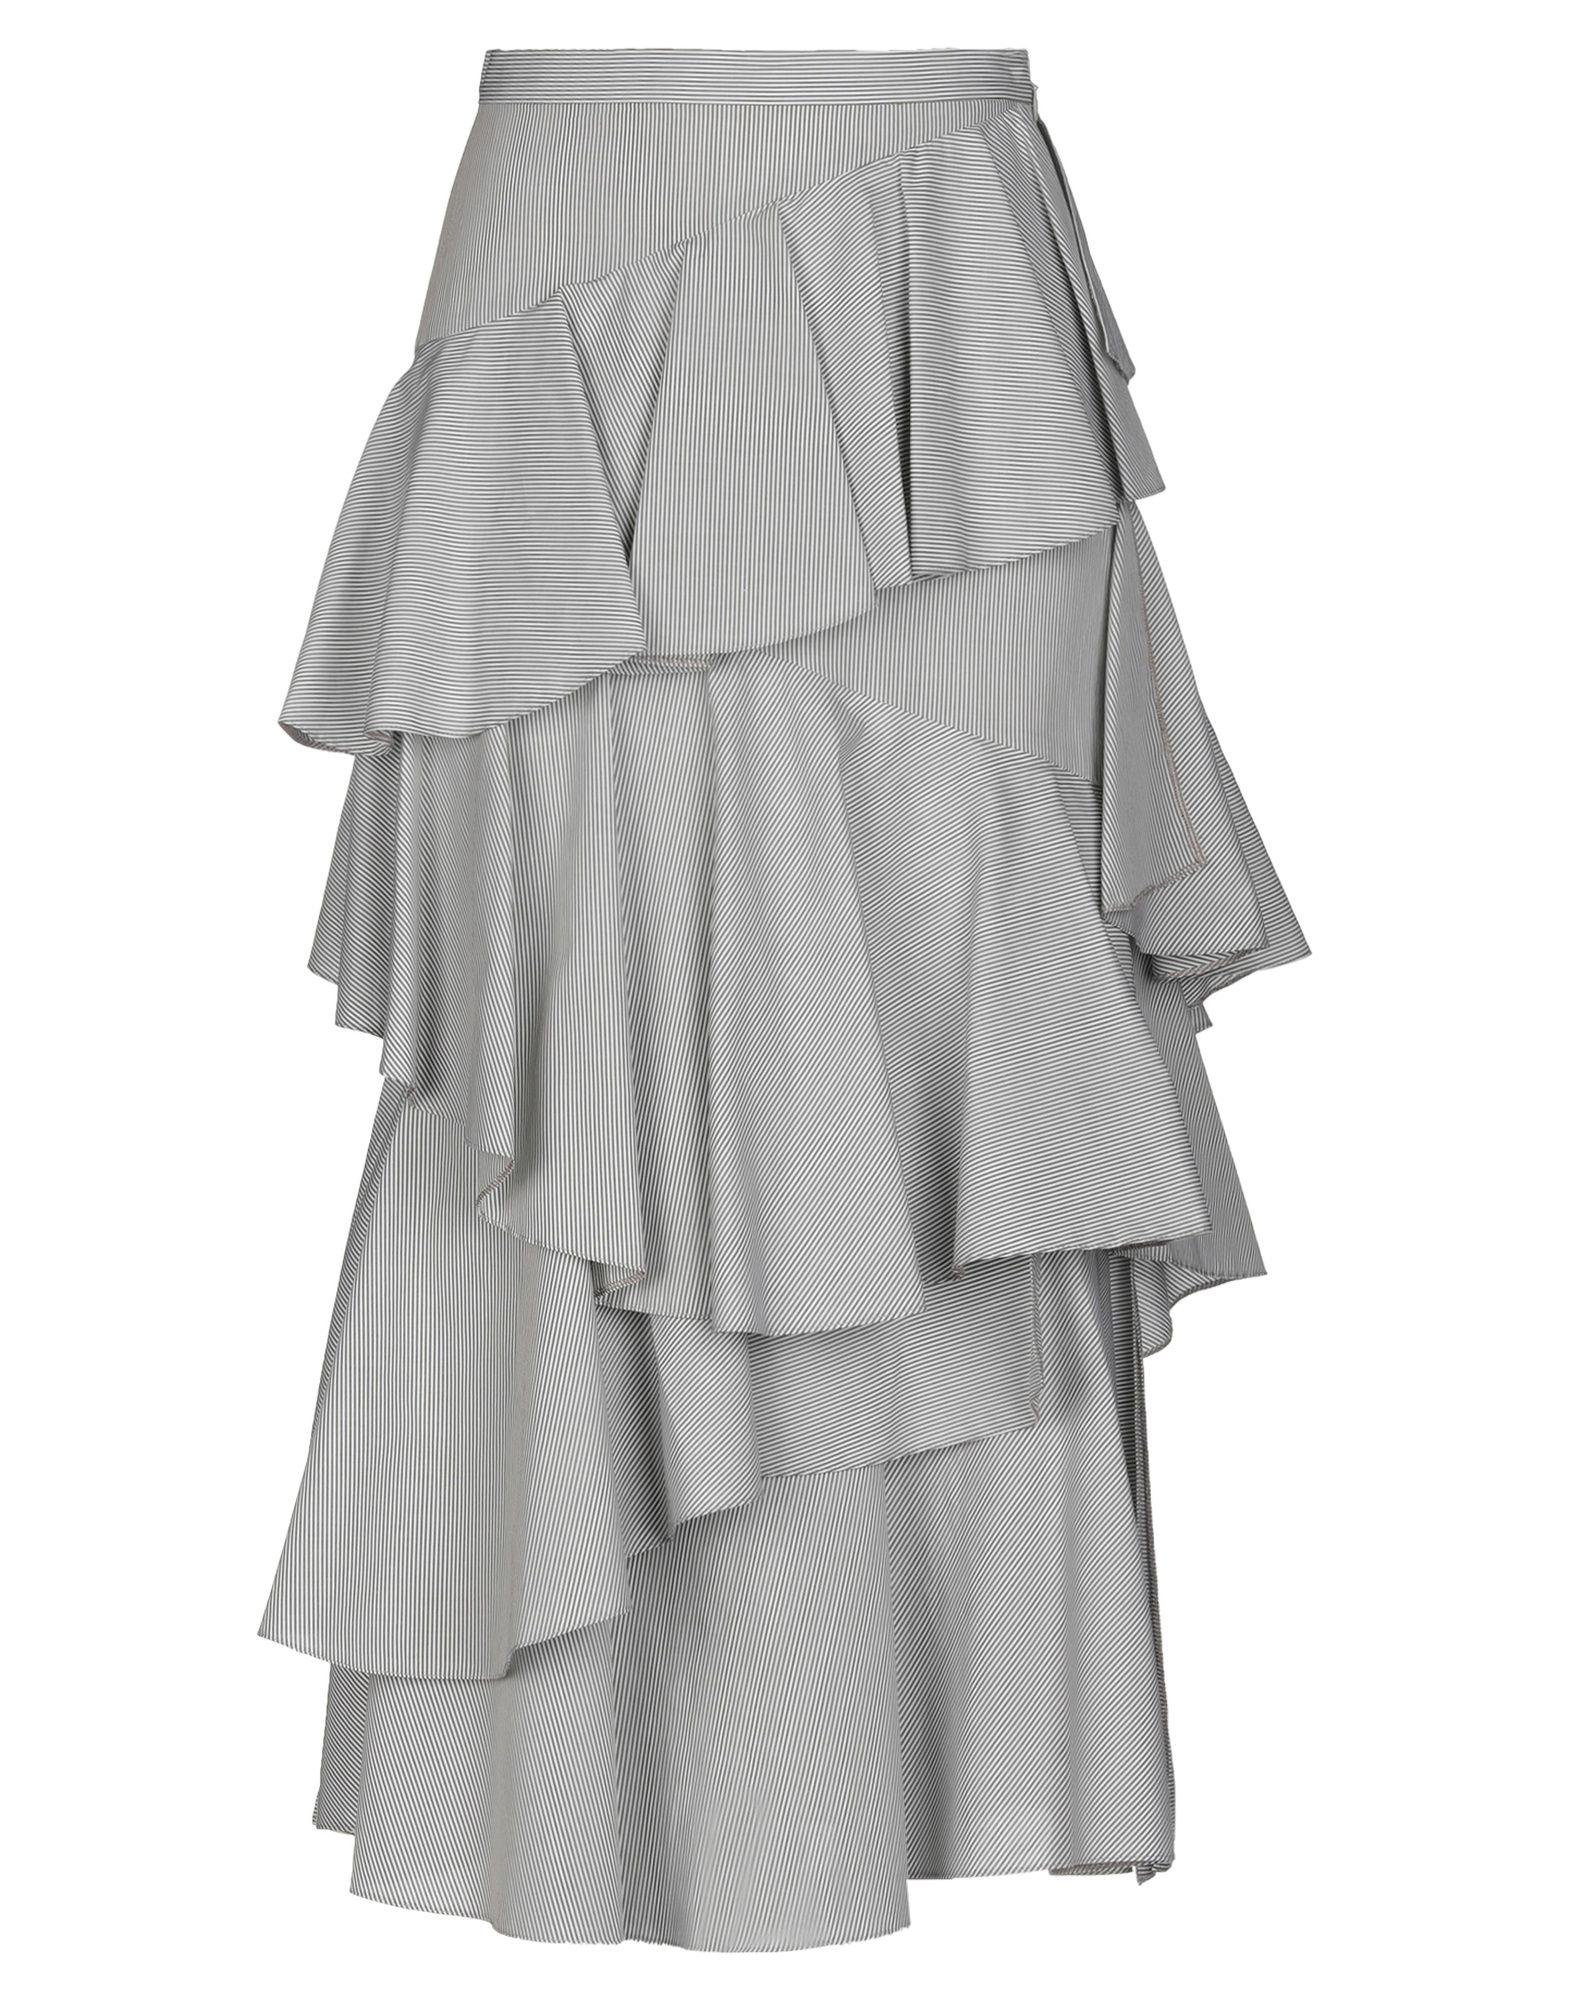 《送料無料》ALEXACHUNG レディース 7分丈スカート ホワイト 6 コットン 100%